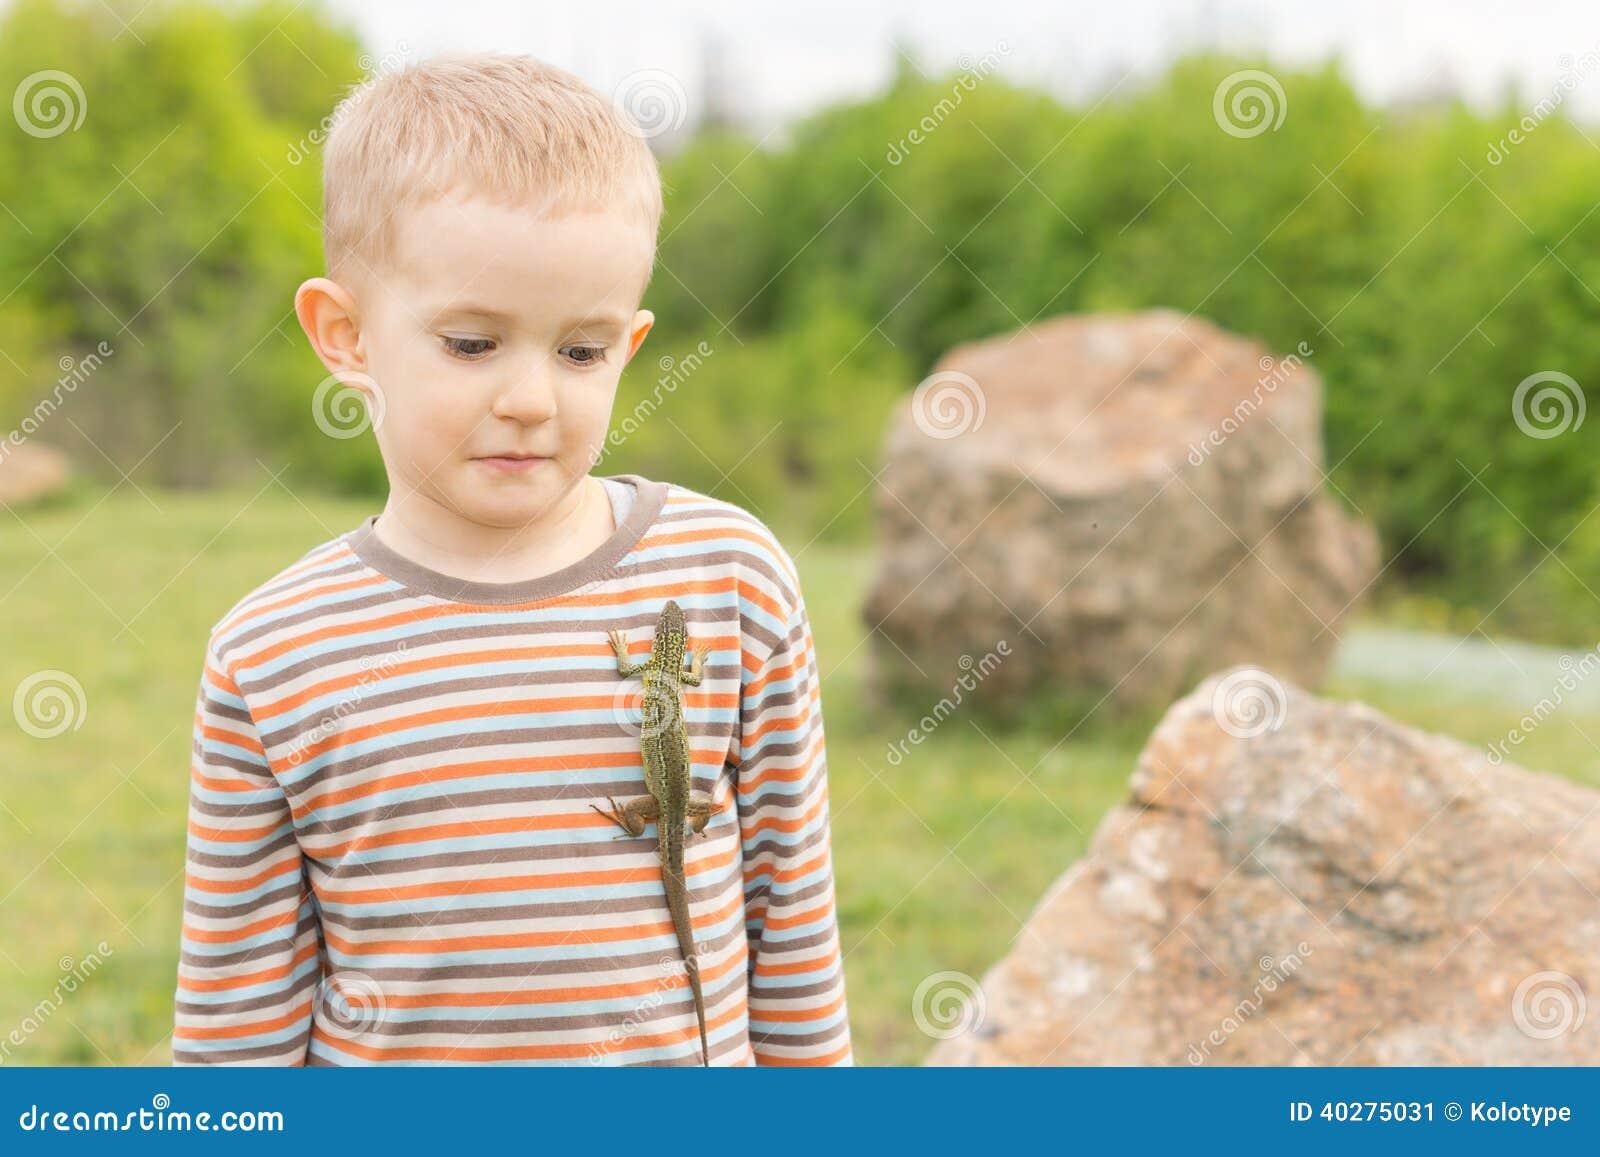 Милый мальчик с ящерицей на его комоде